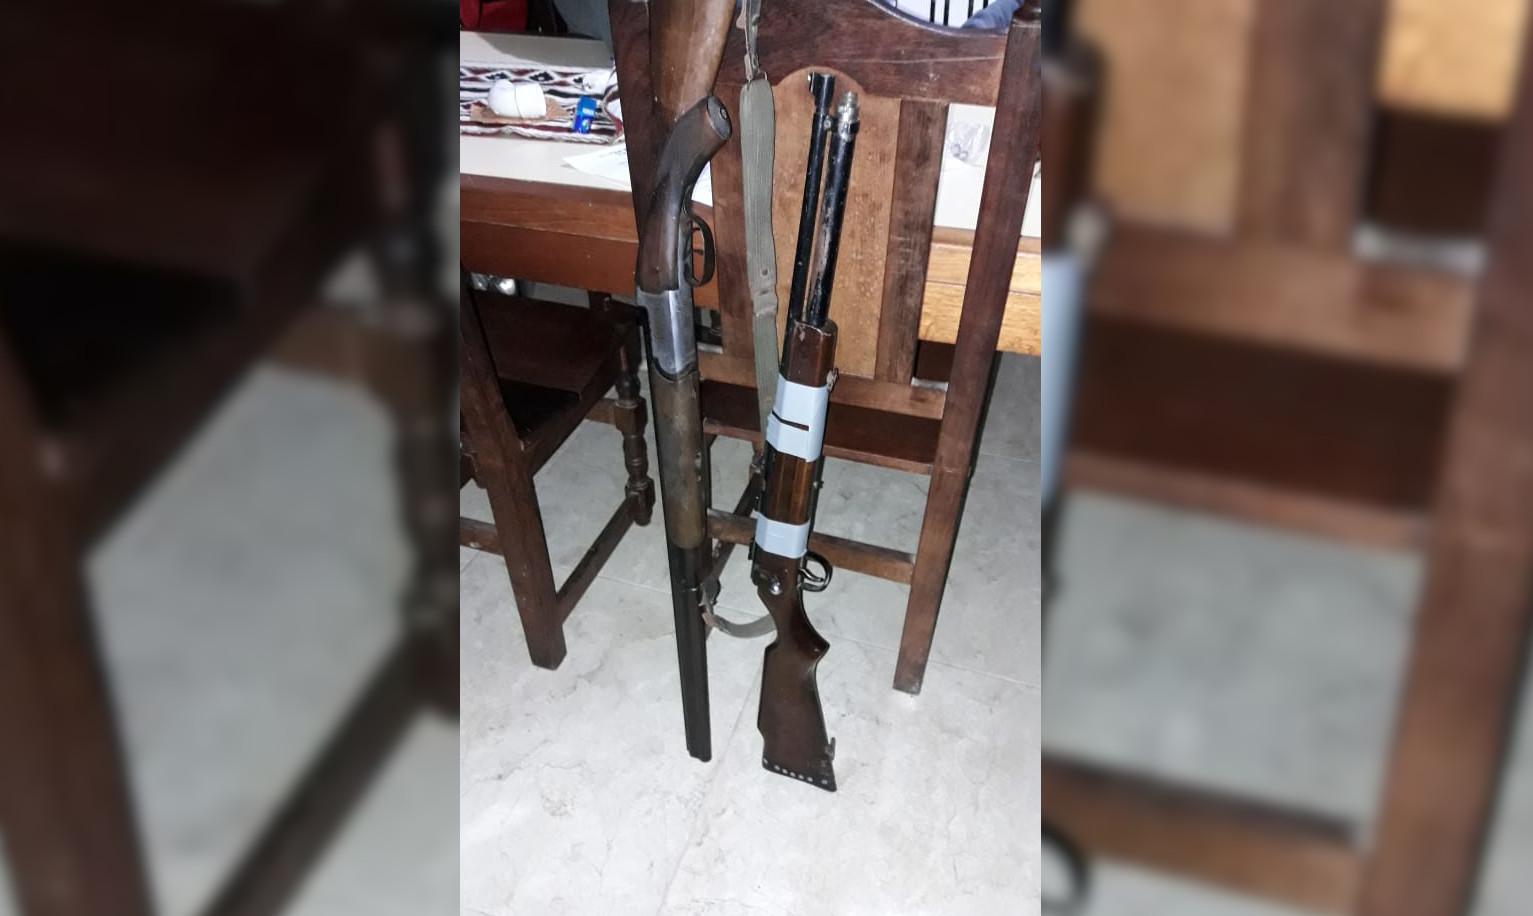 VIOLENCIA DE GENERO: Amenazaba con arma de fuego y le allanaron la casa en Balneario Parque Mar Chiquita